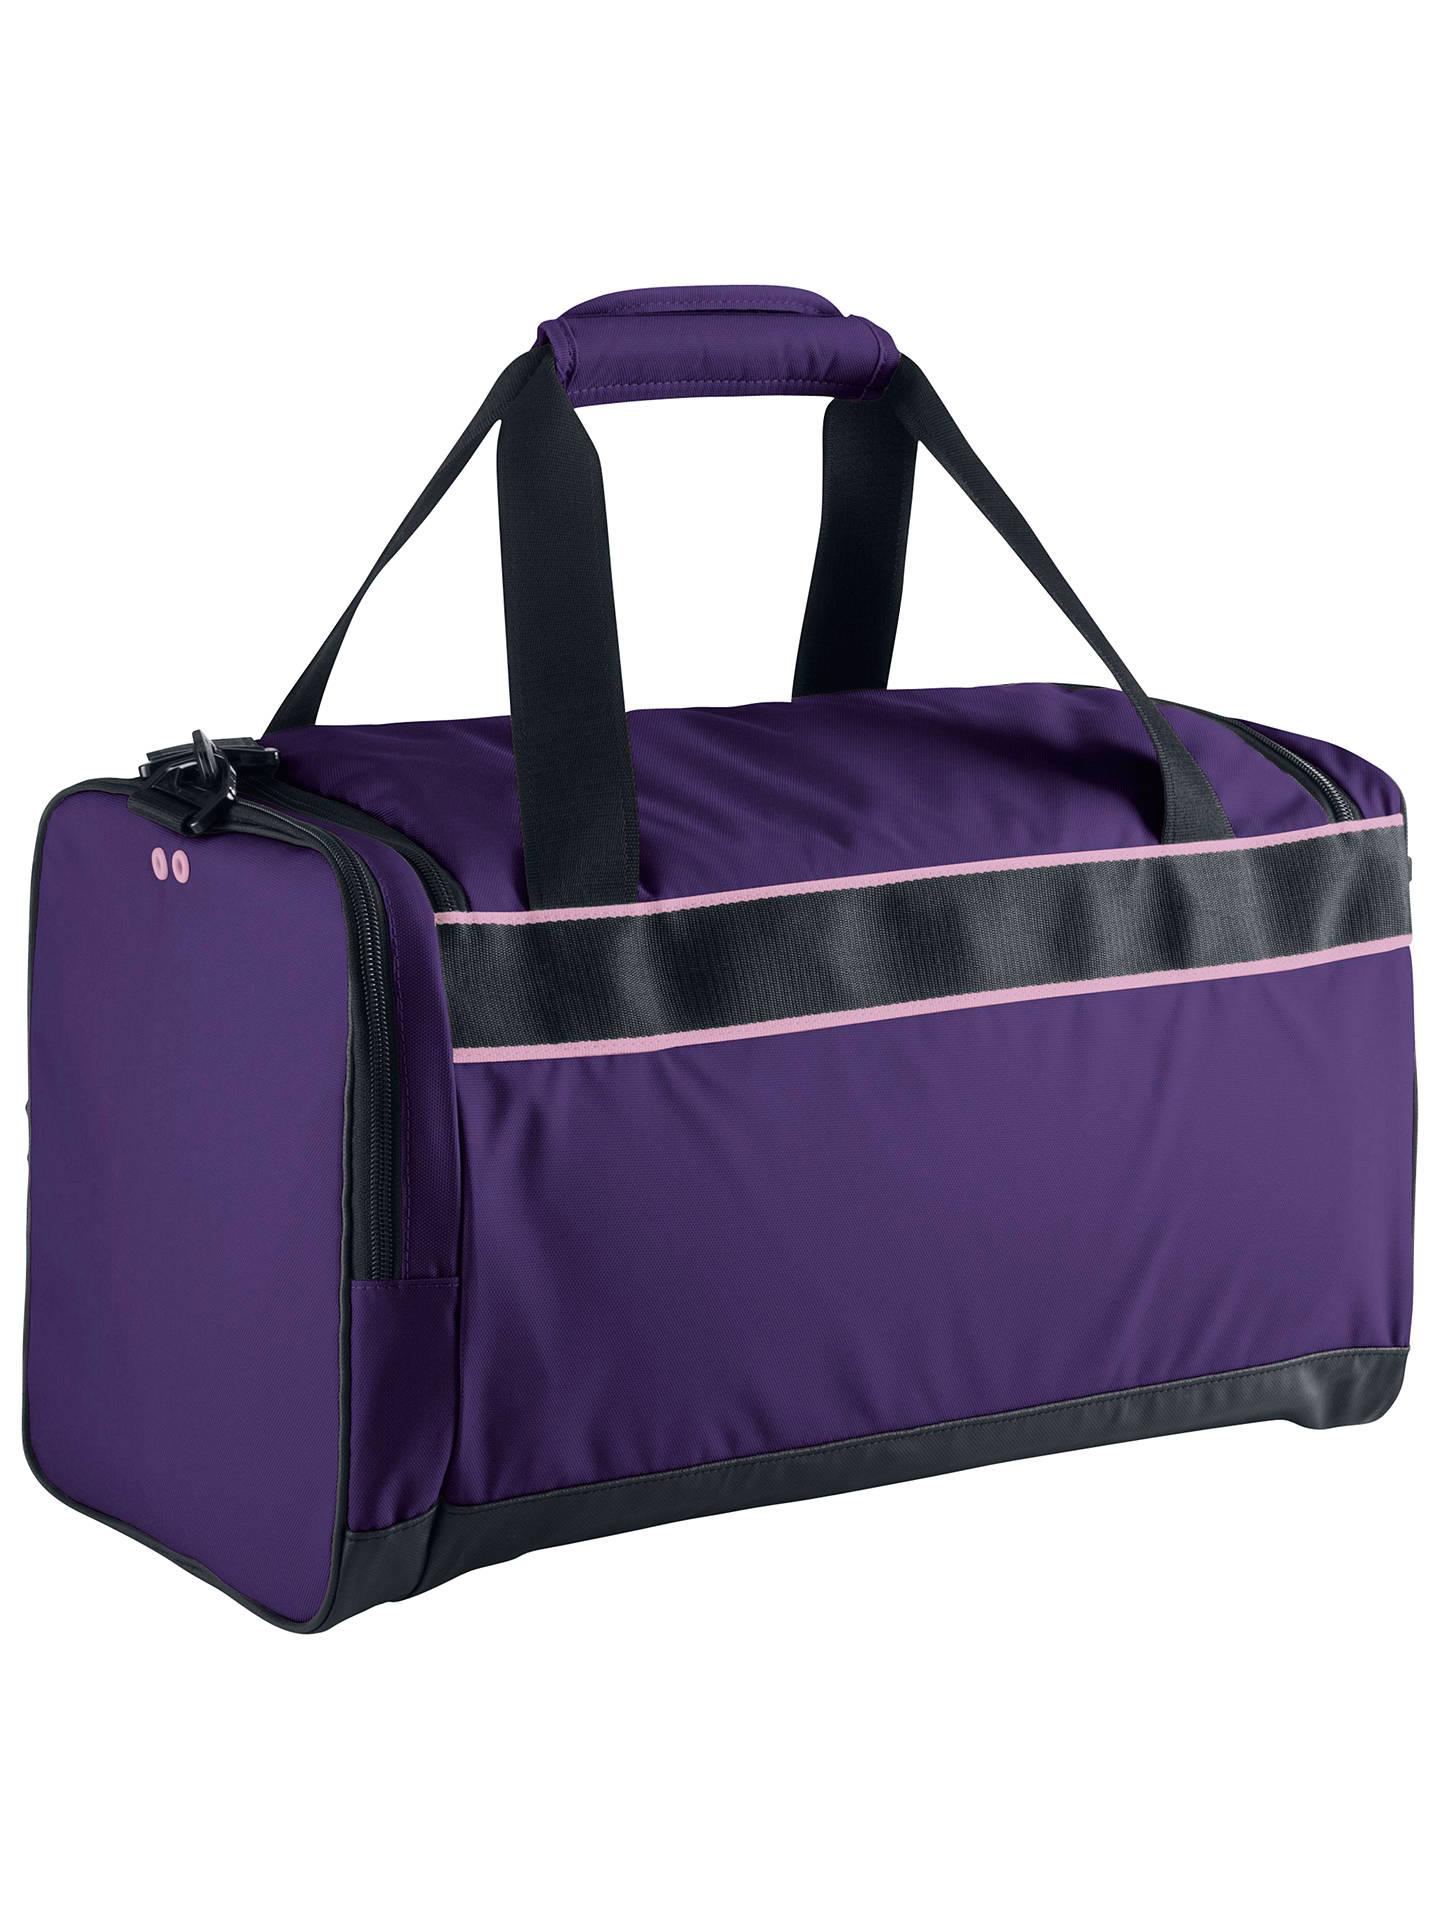 49ad00505d19 Nike Duffel Bag Varsity Girl